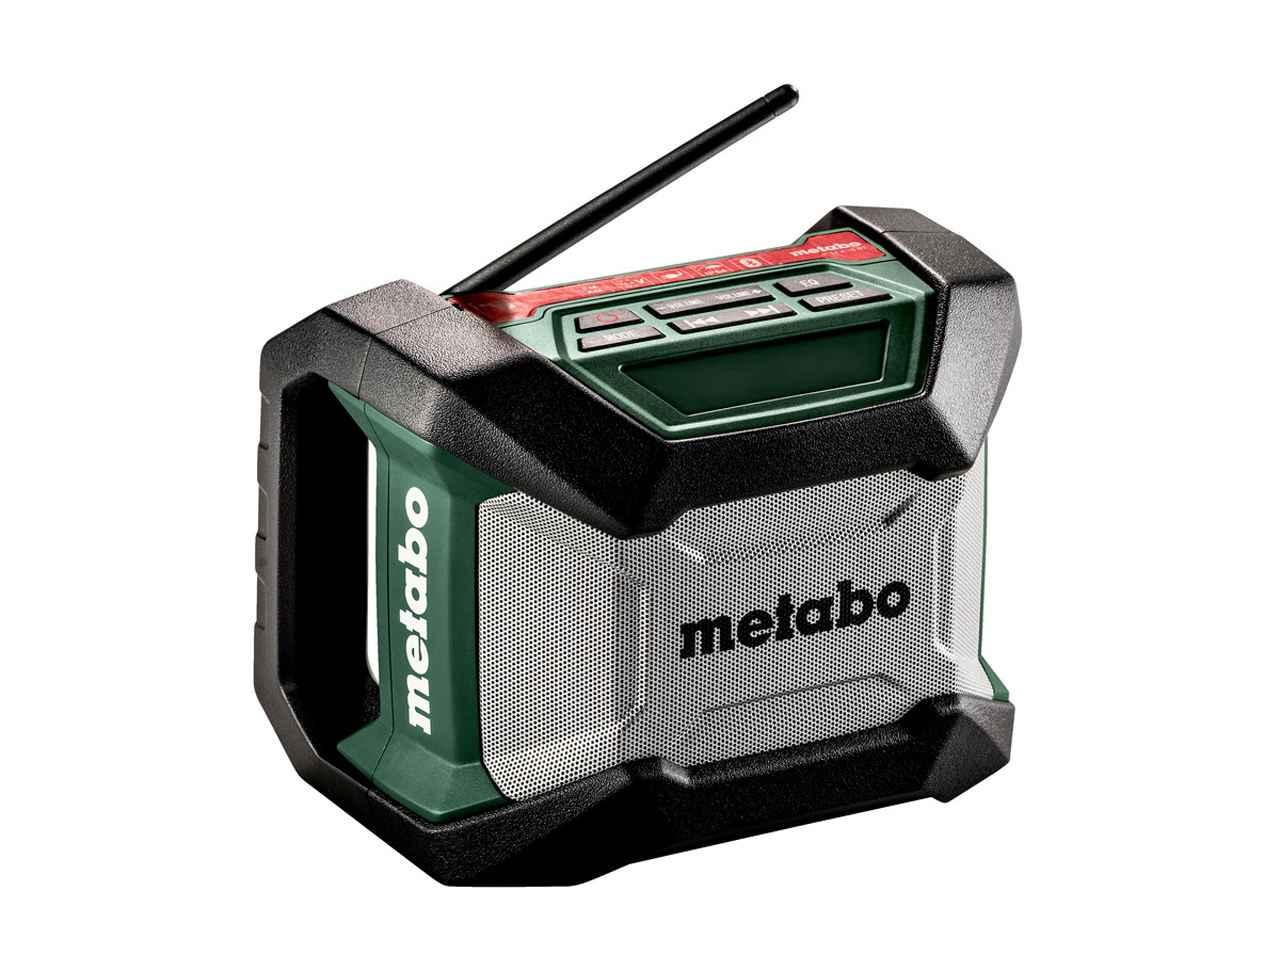 Metabo_600777850.jpg